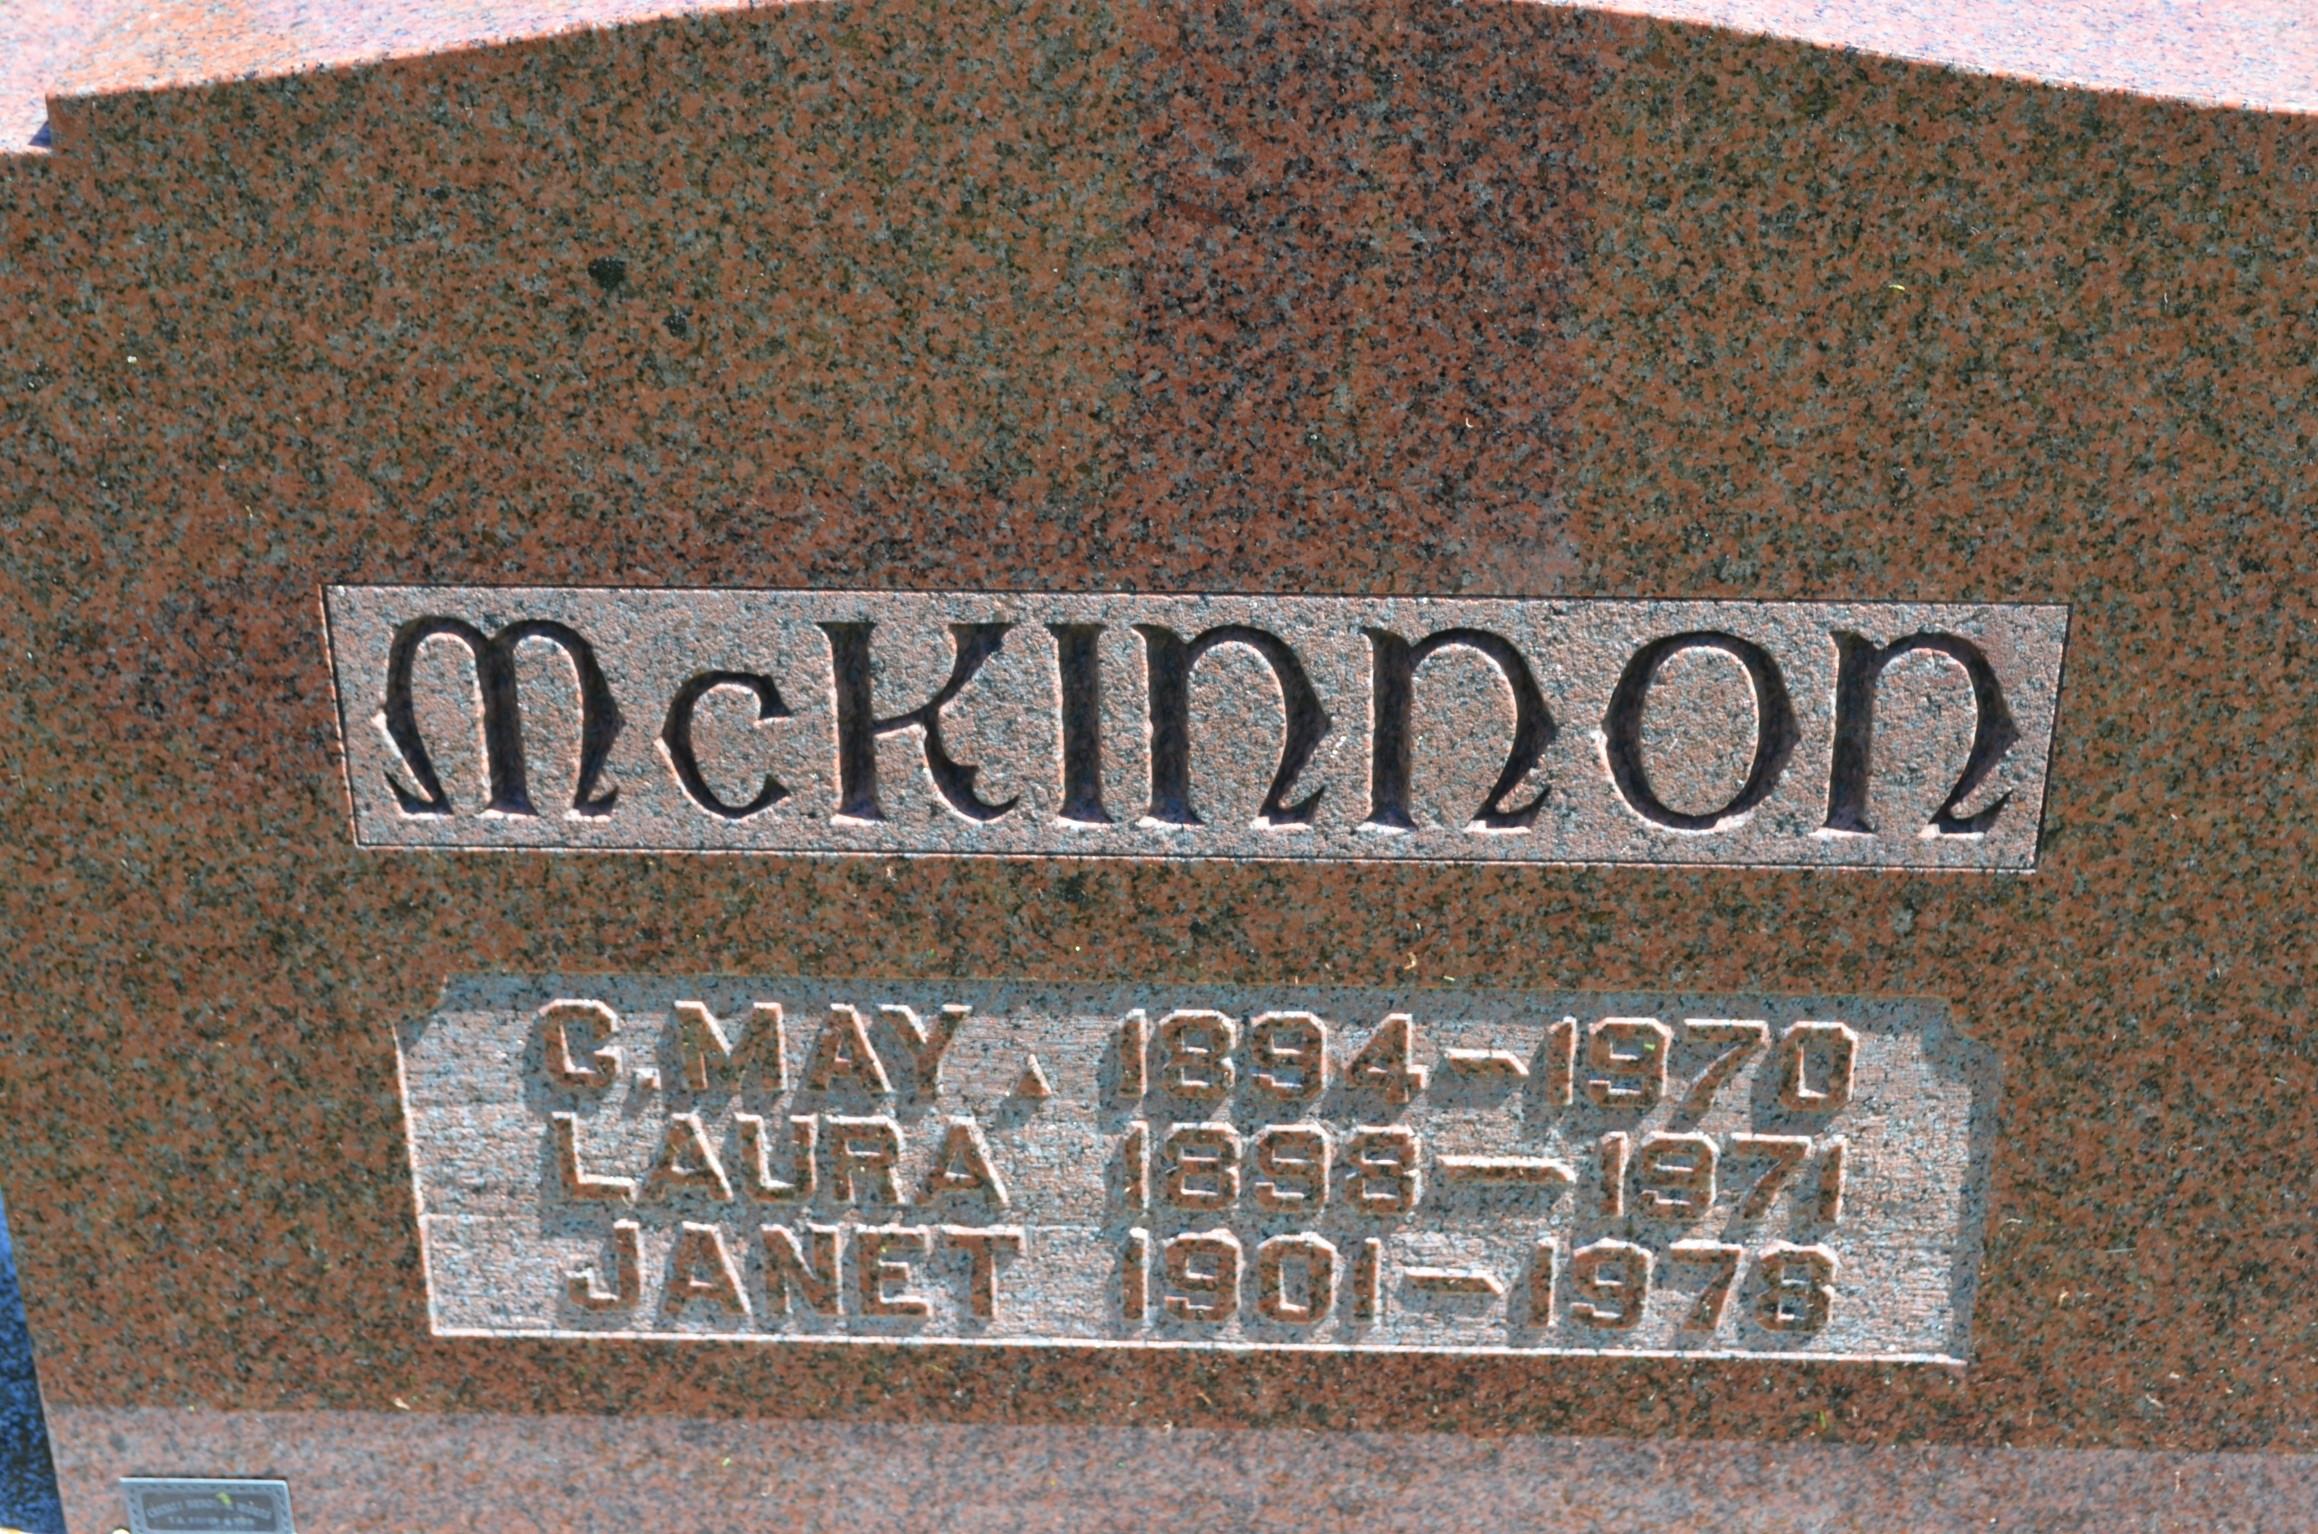 Janet McKinnon